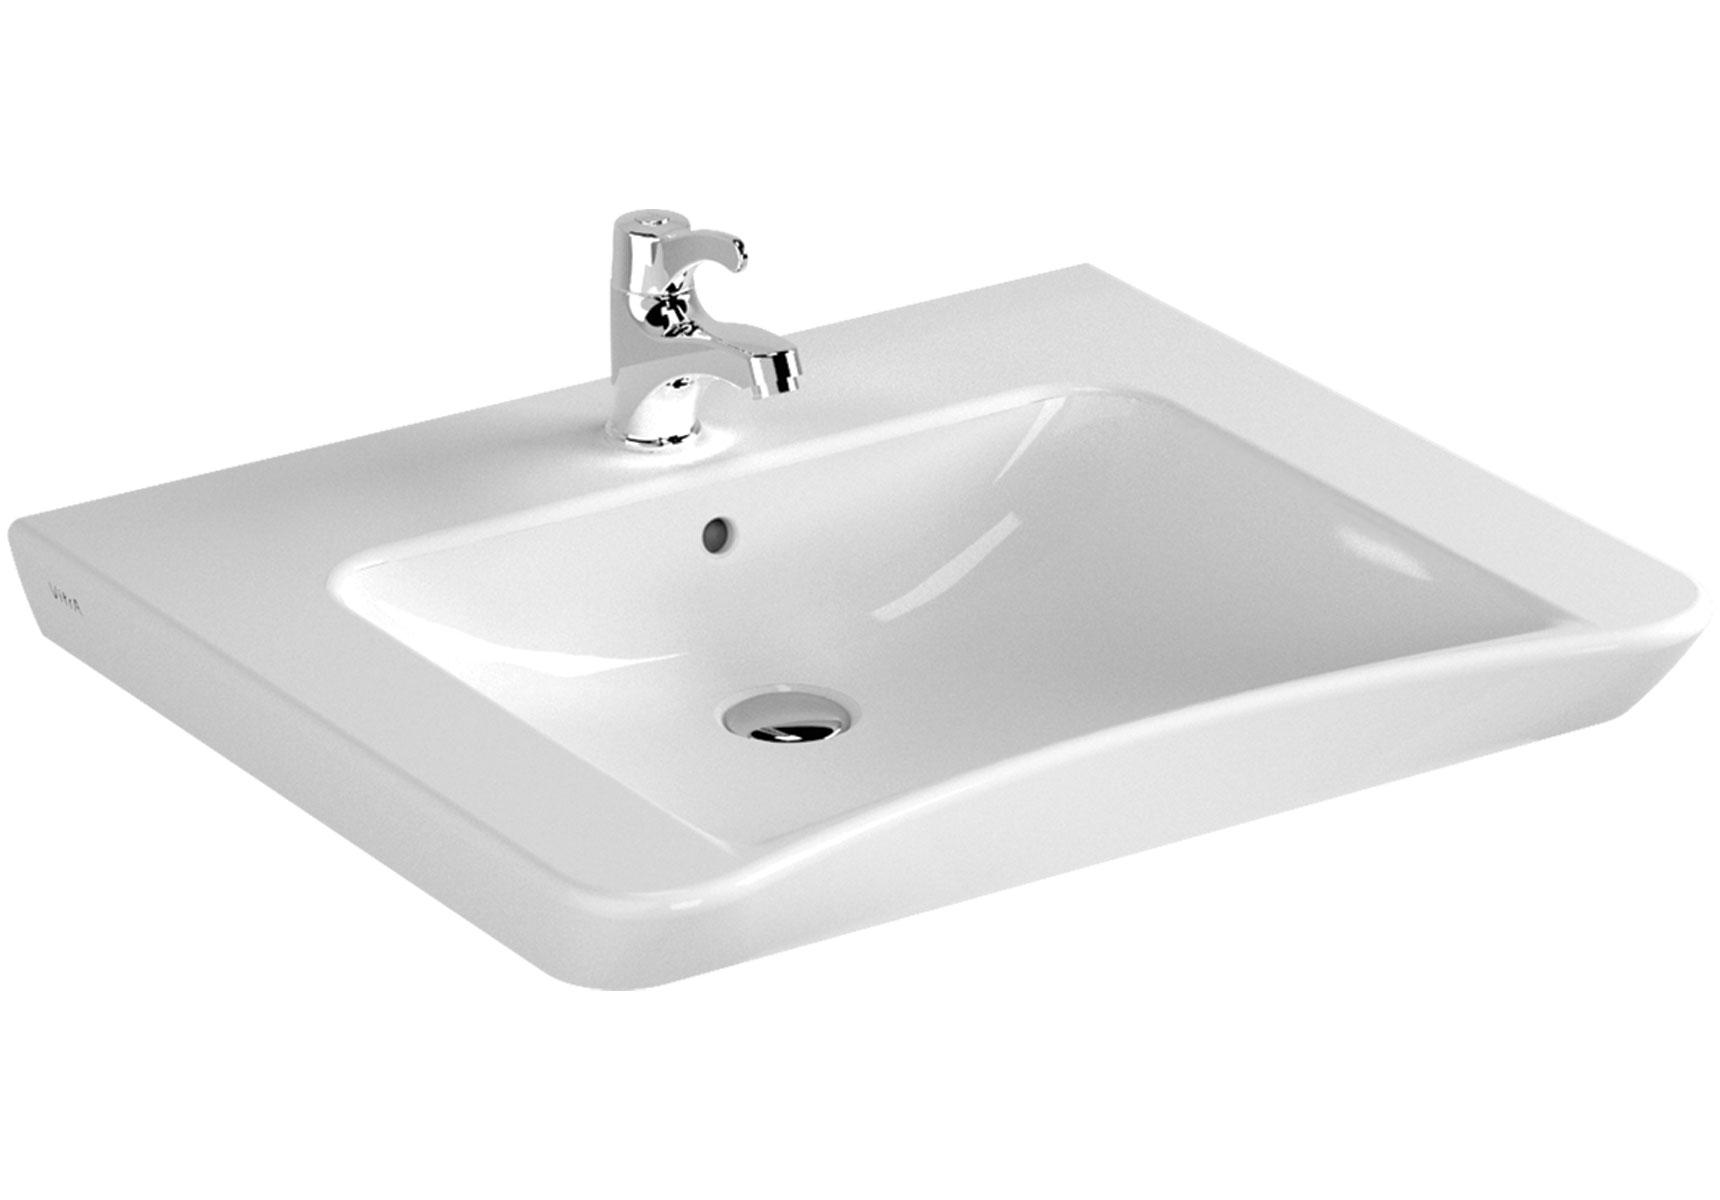 Conforma lavabo PMR, 65 cm, avec trou de robinet, avec trou de trop-plein